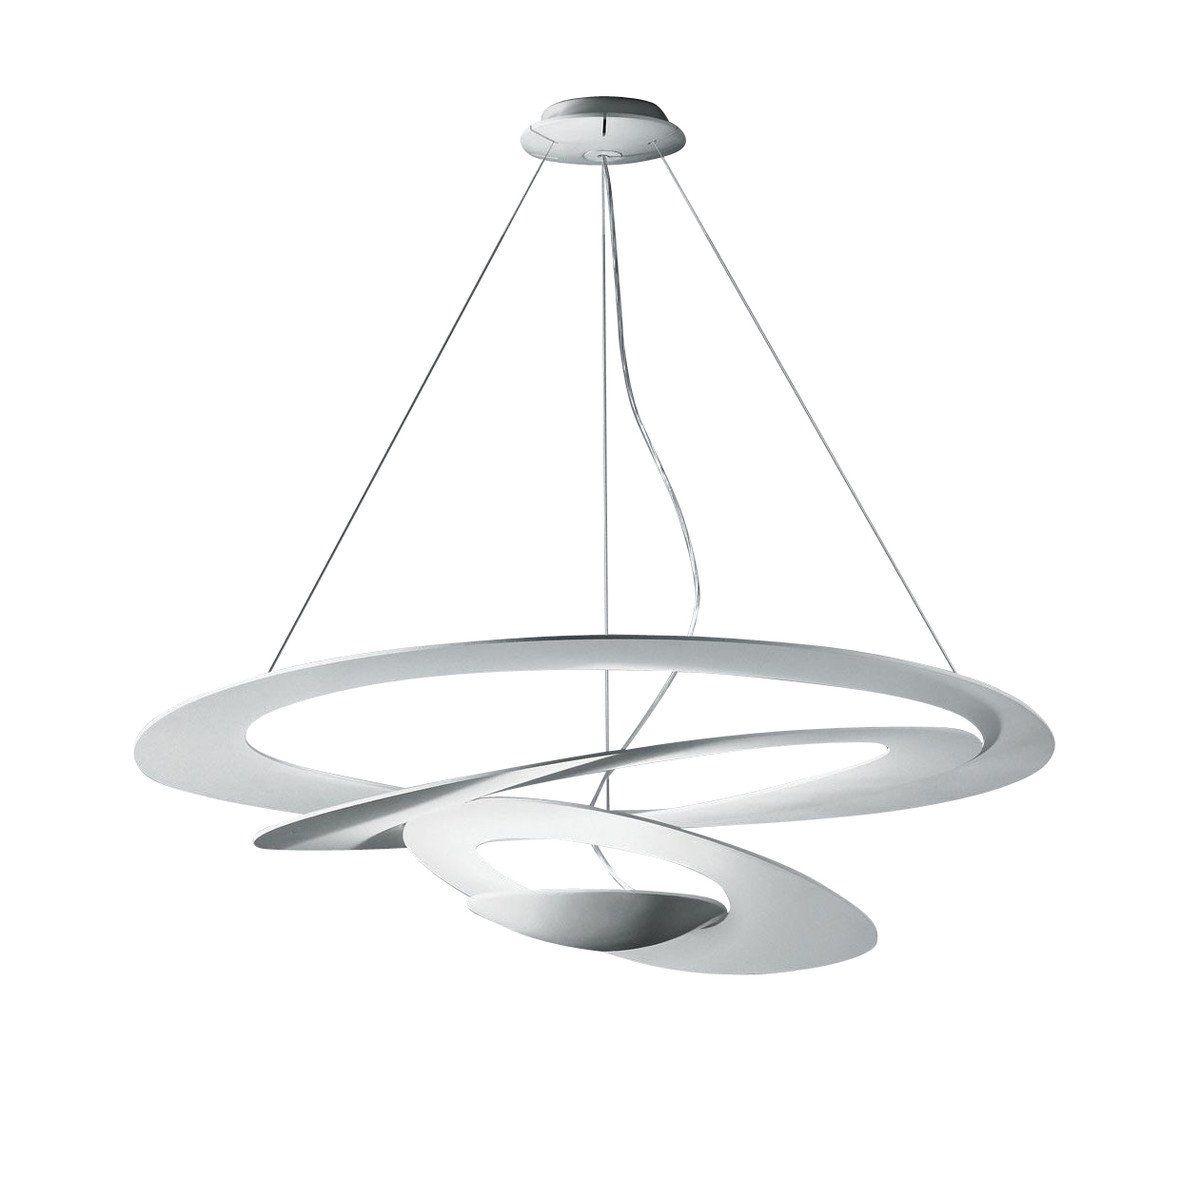 pirce led suspension lamp artemide. Black Bedroom Furniture Sets. Home Design Ideas